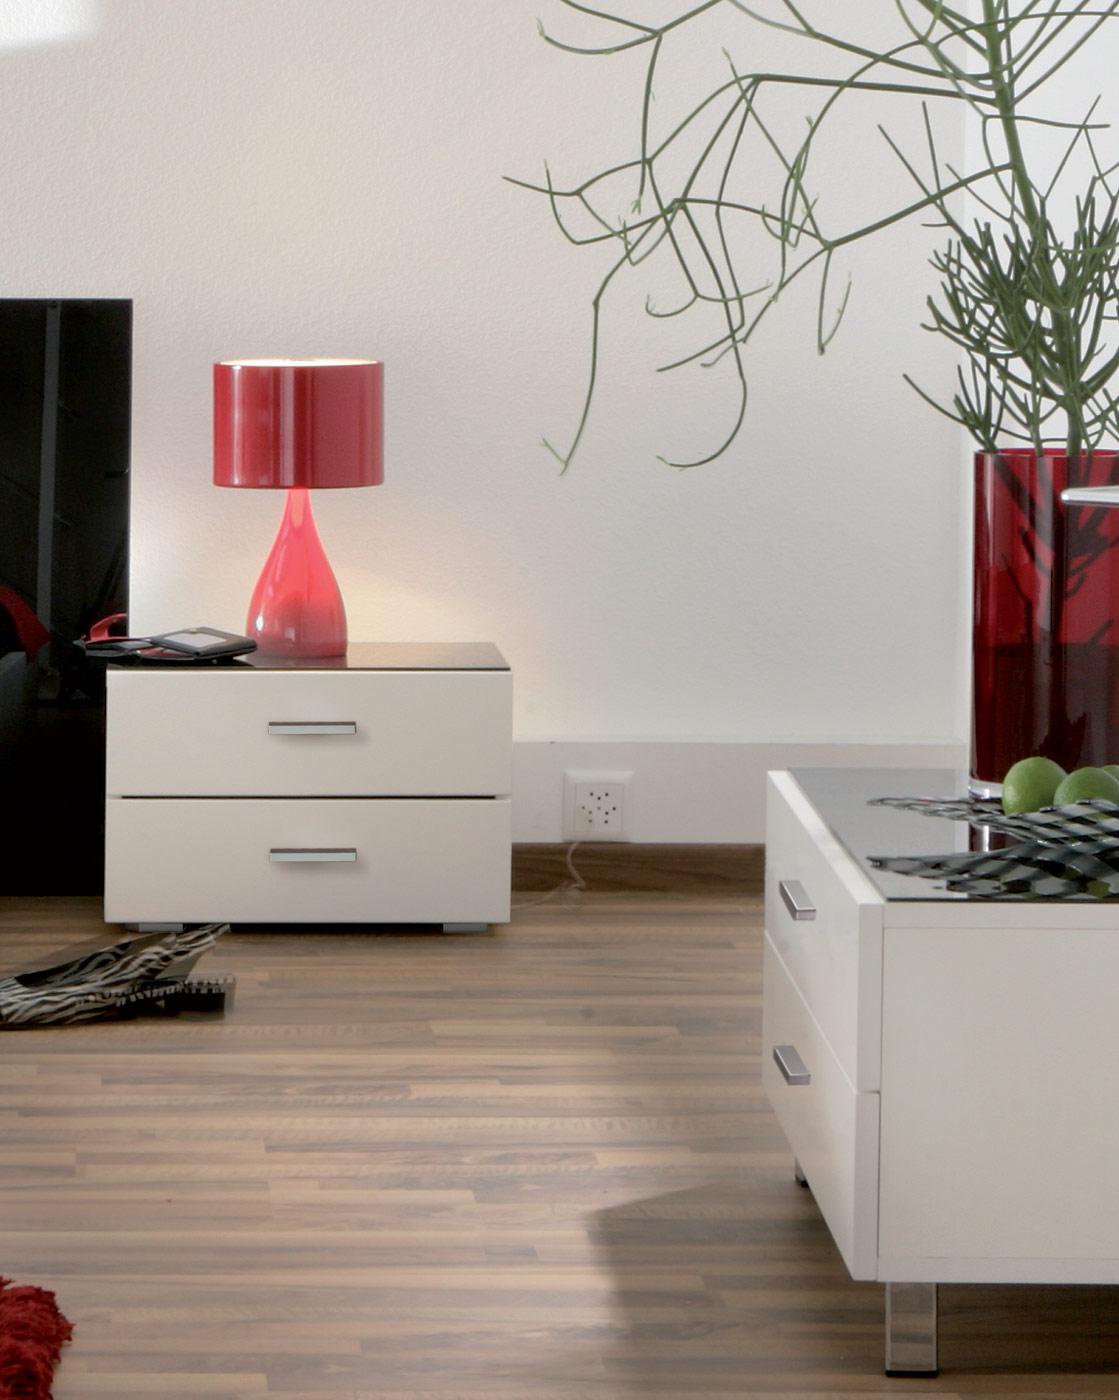 nachttisch mit dekor oberfl che bestellen cubo. Black Bedroom Furniture Sets. Home Design Ideas